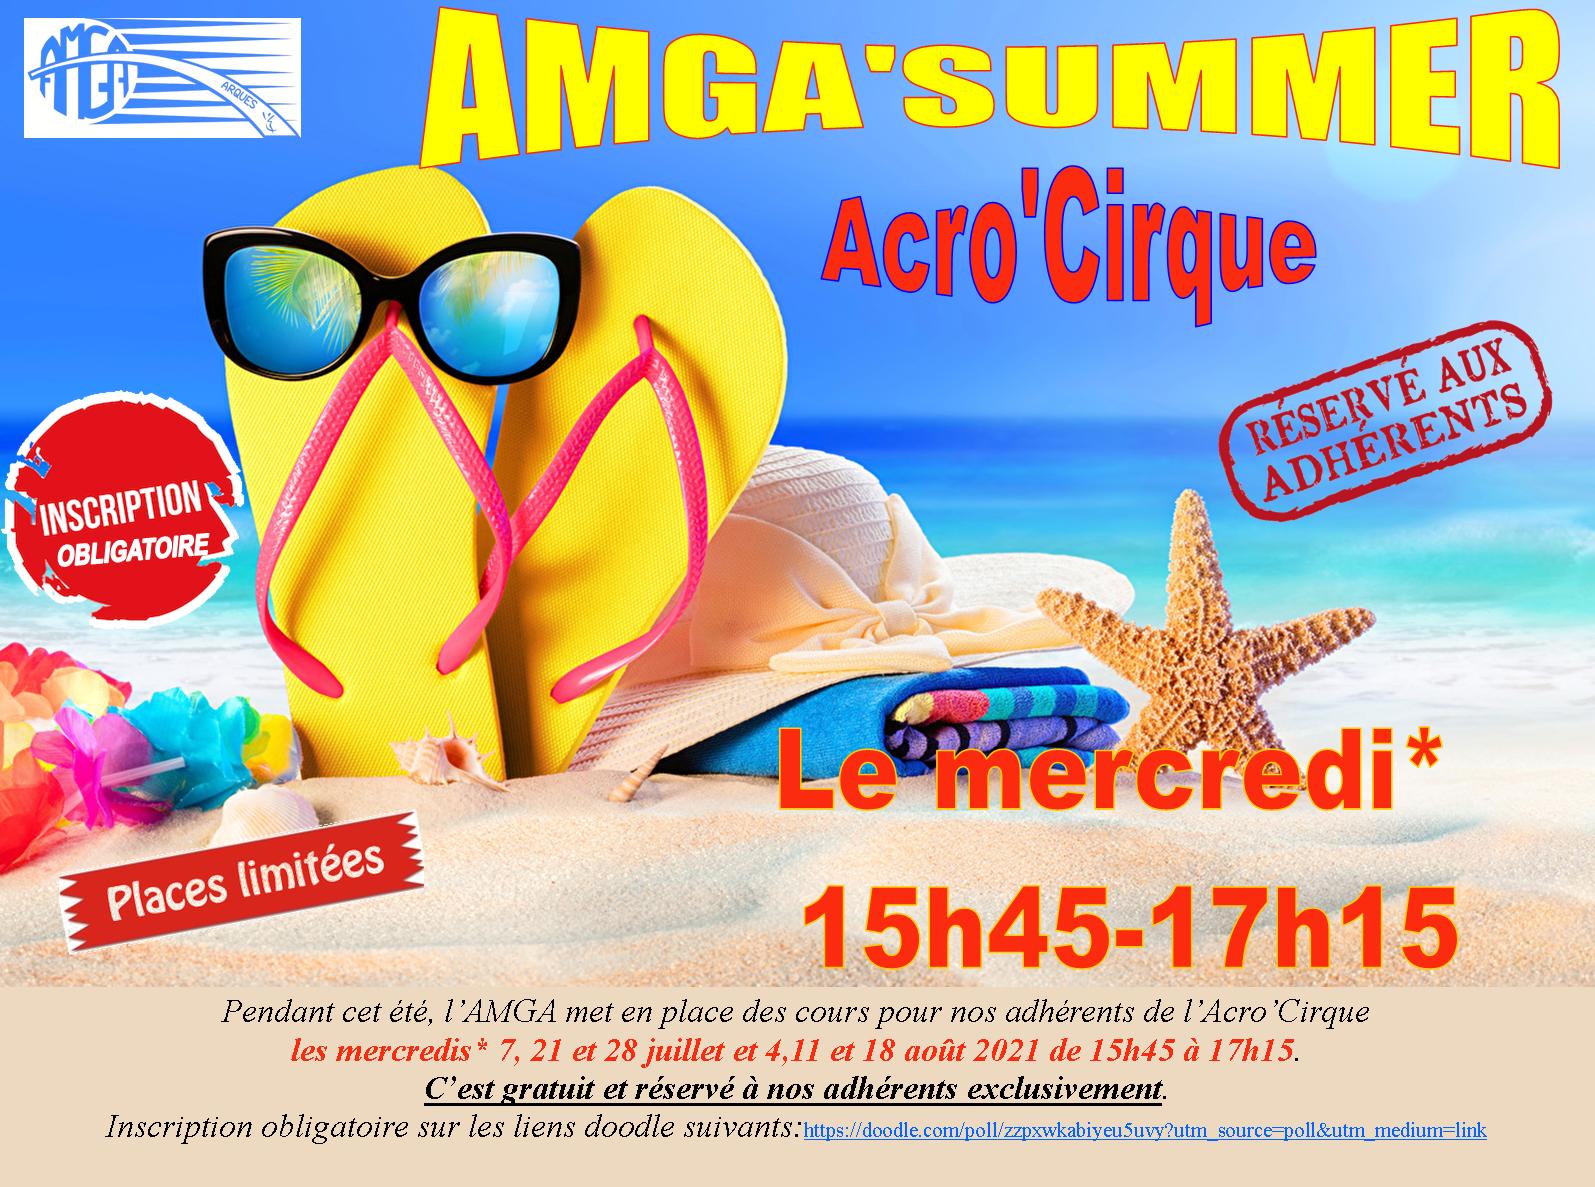 AMGA'Summer Acro'Cirque